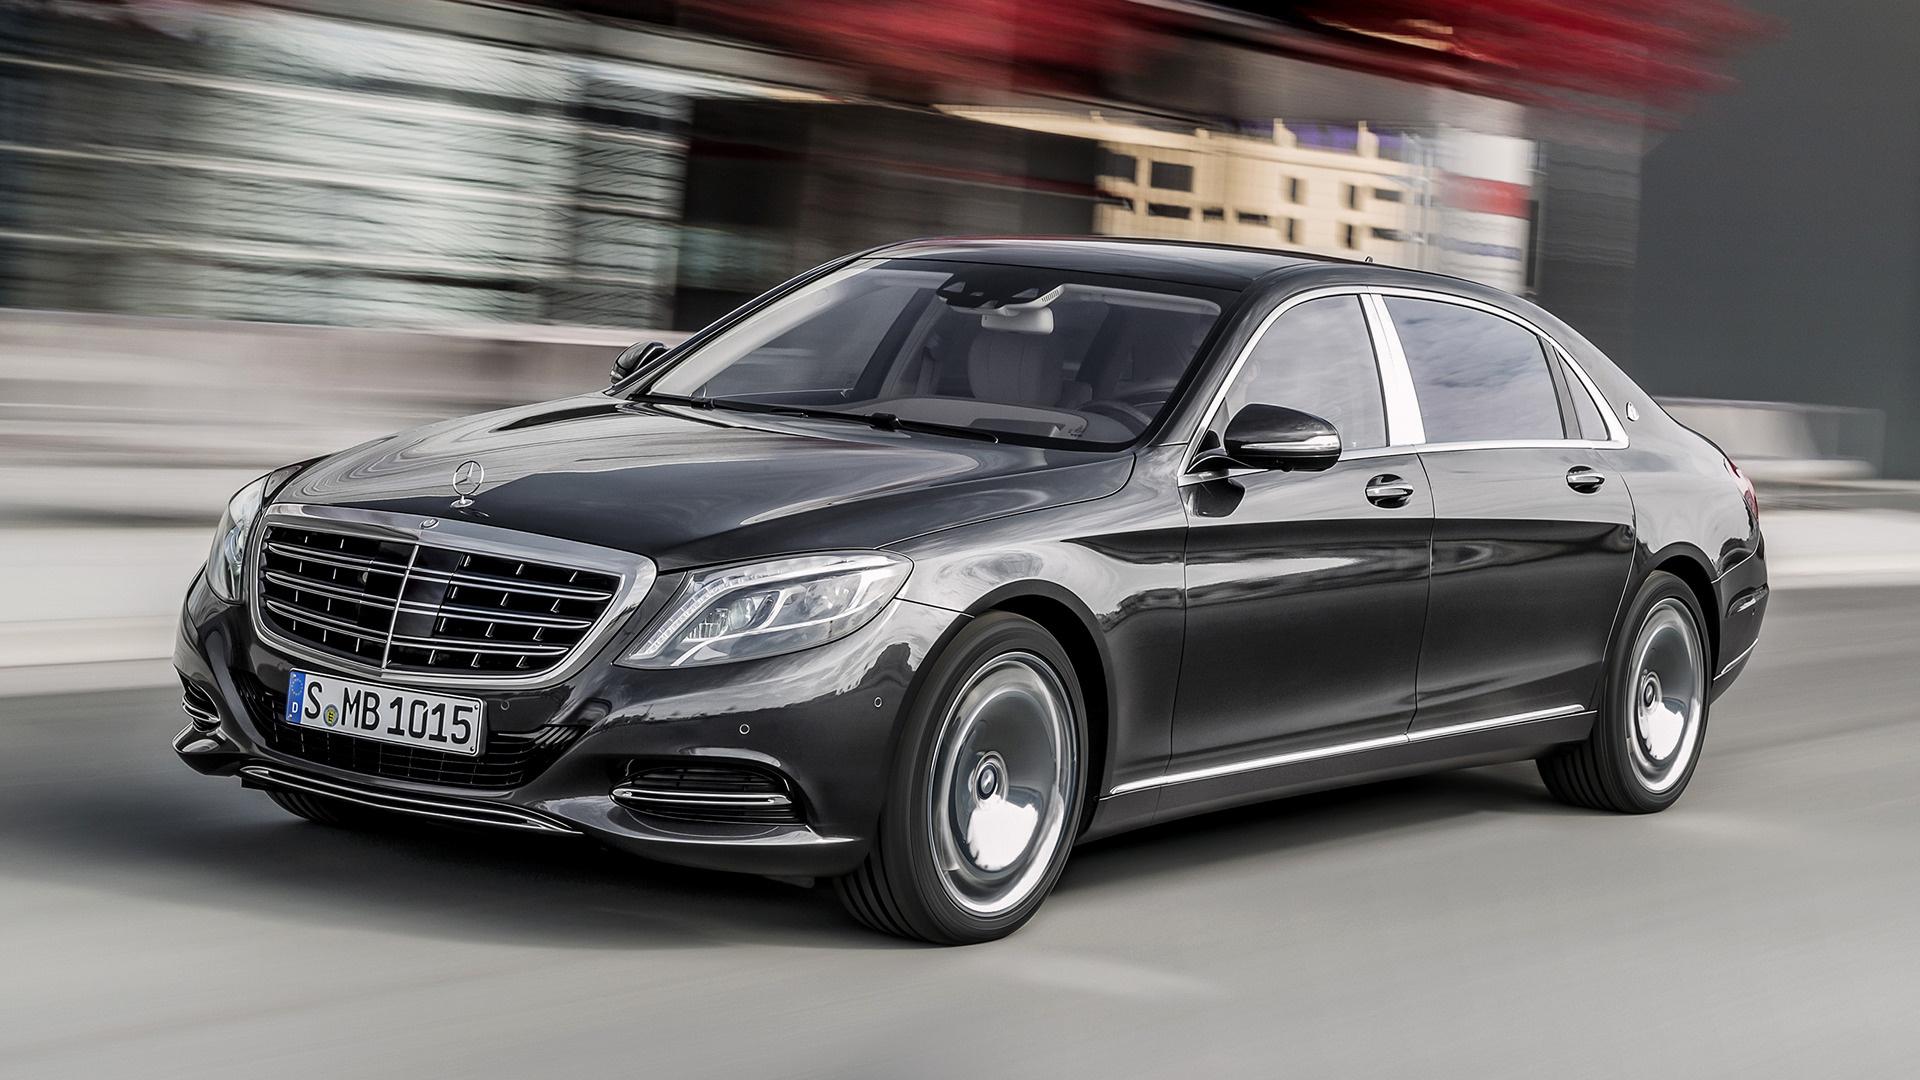 2015 Mercedes Maybach S Class Fondos De Pantalla E